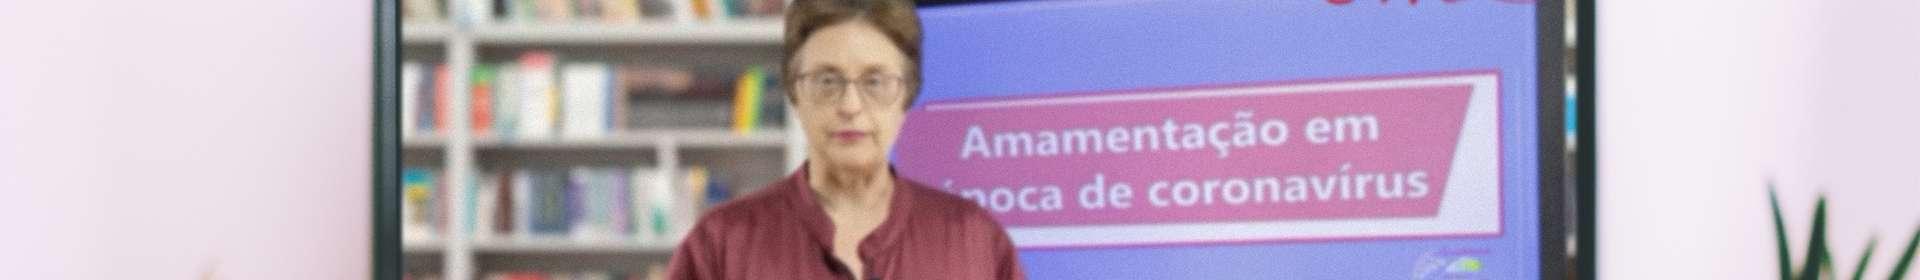 Trabalho com Acessibilidade da Igreja Cristã Maranata ganha expansão